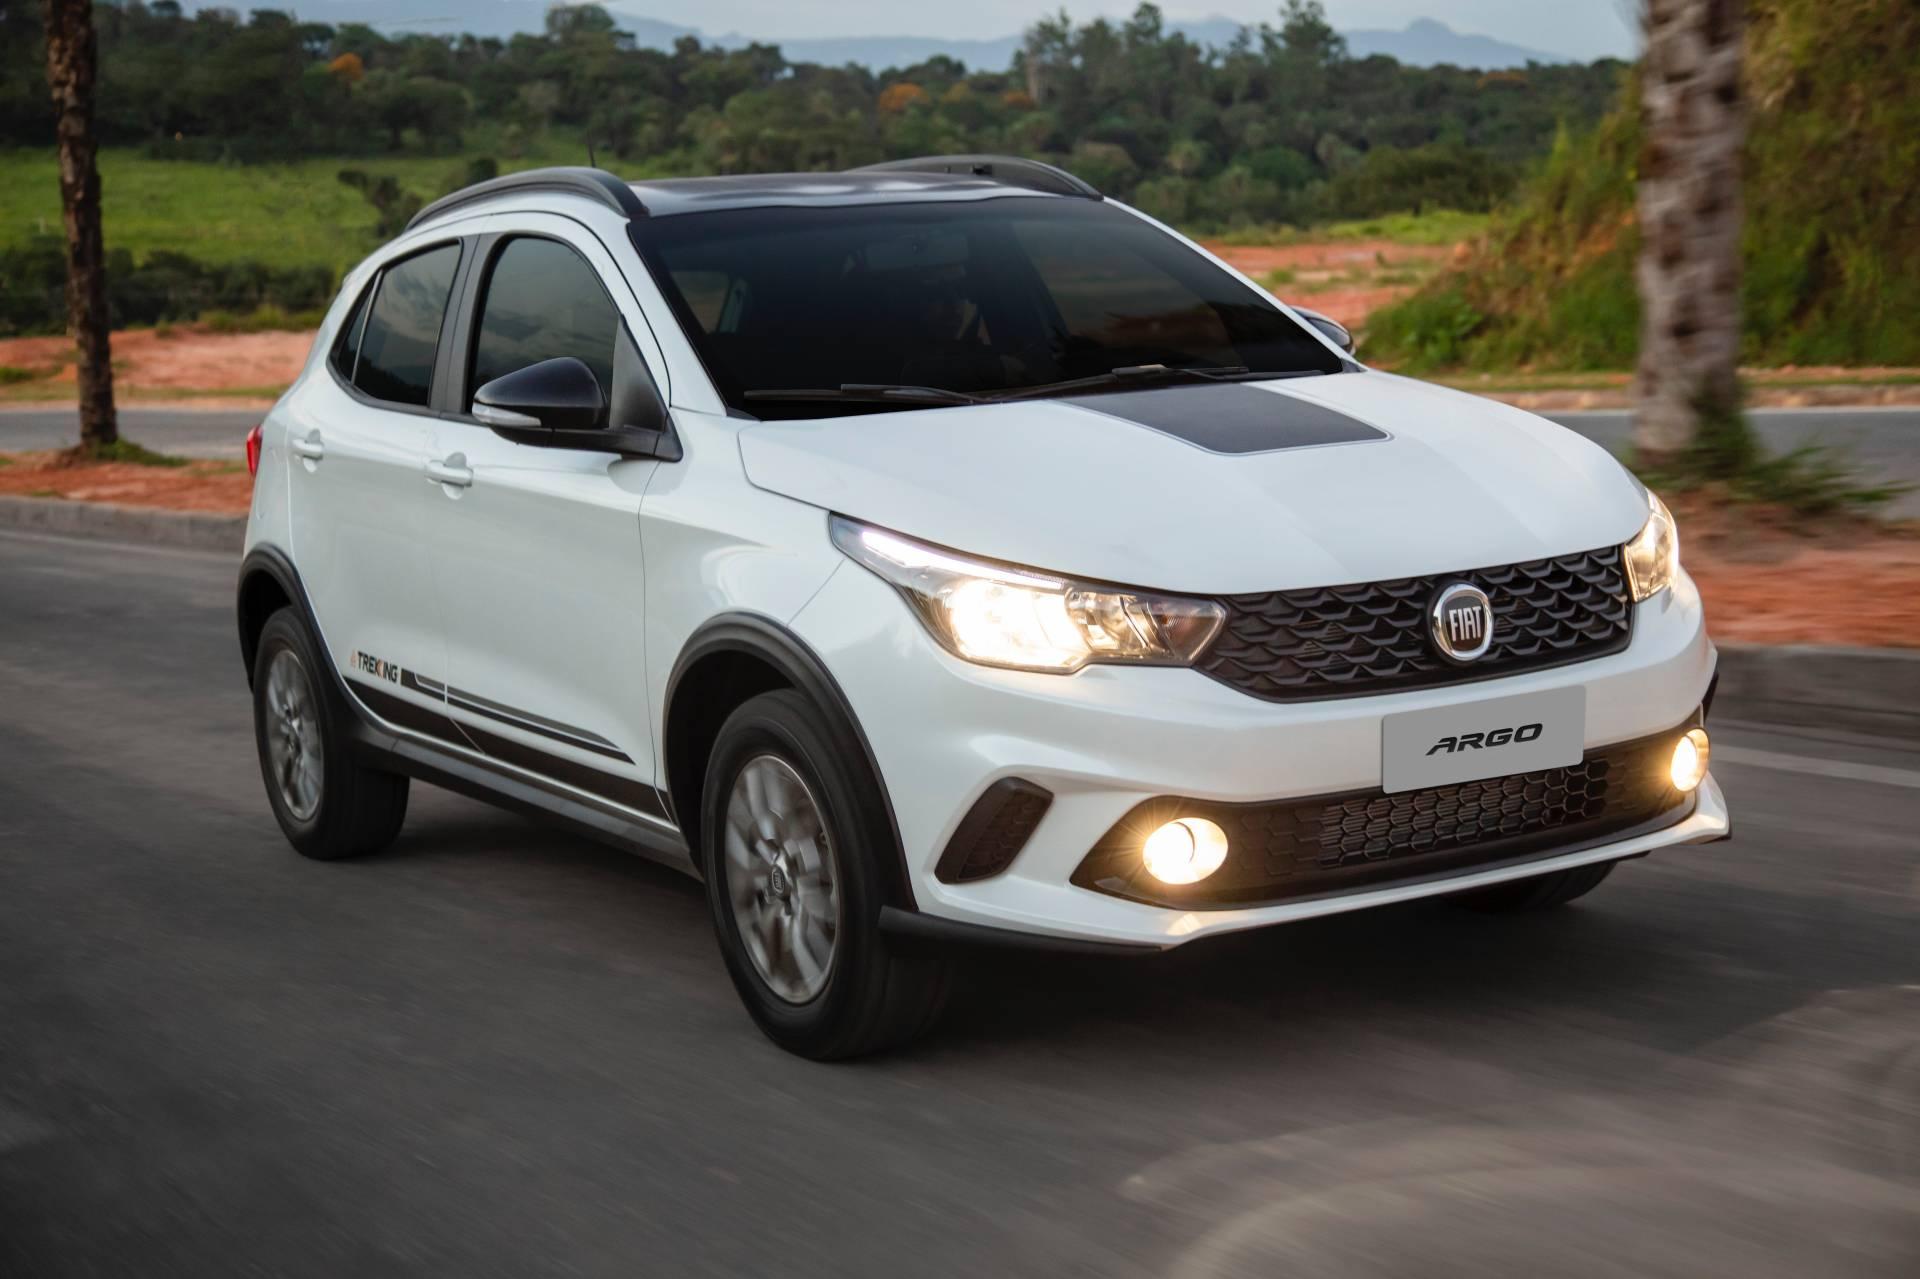 Fiat-Argo-Trekking-17